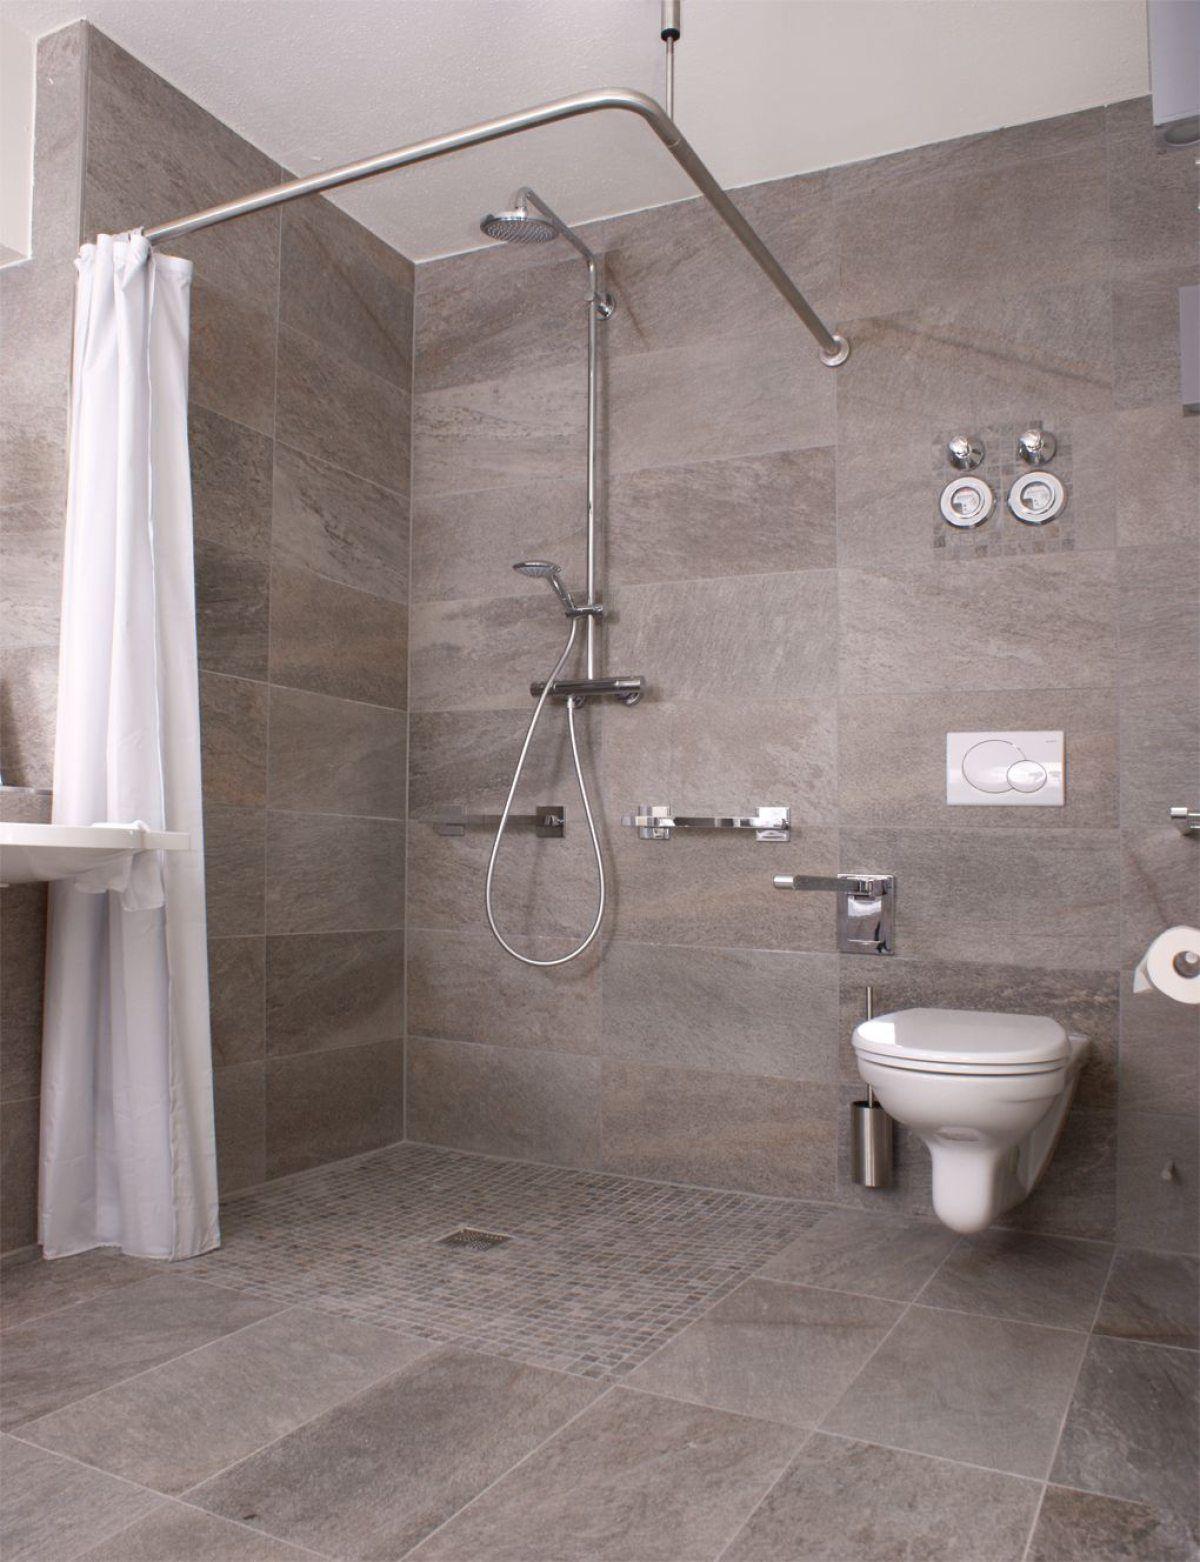 Sehr Kuhl Gestaltet Wirkt Es Dadurch Aber Sehr Offen Und Gross Manchmal Passt Ein Weisser Duschv Modernes Badezimmerdesign Duschvorhang Badezimmer Renovieren